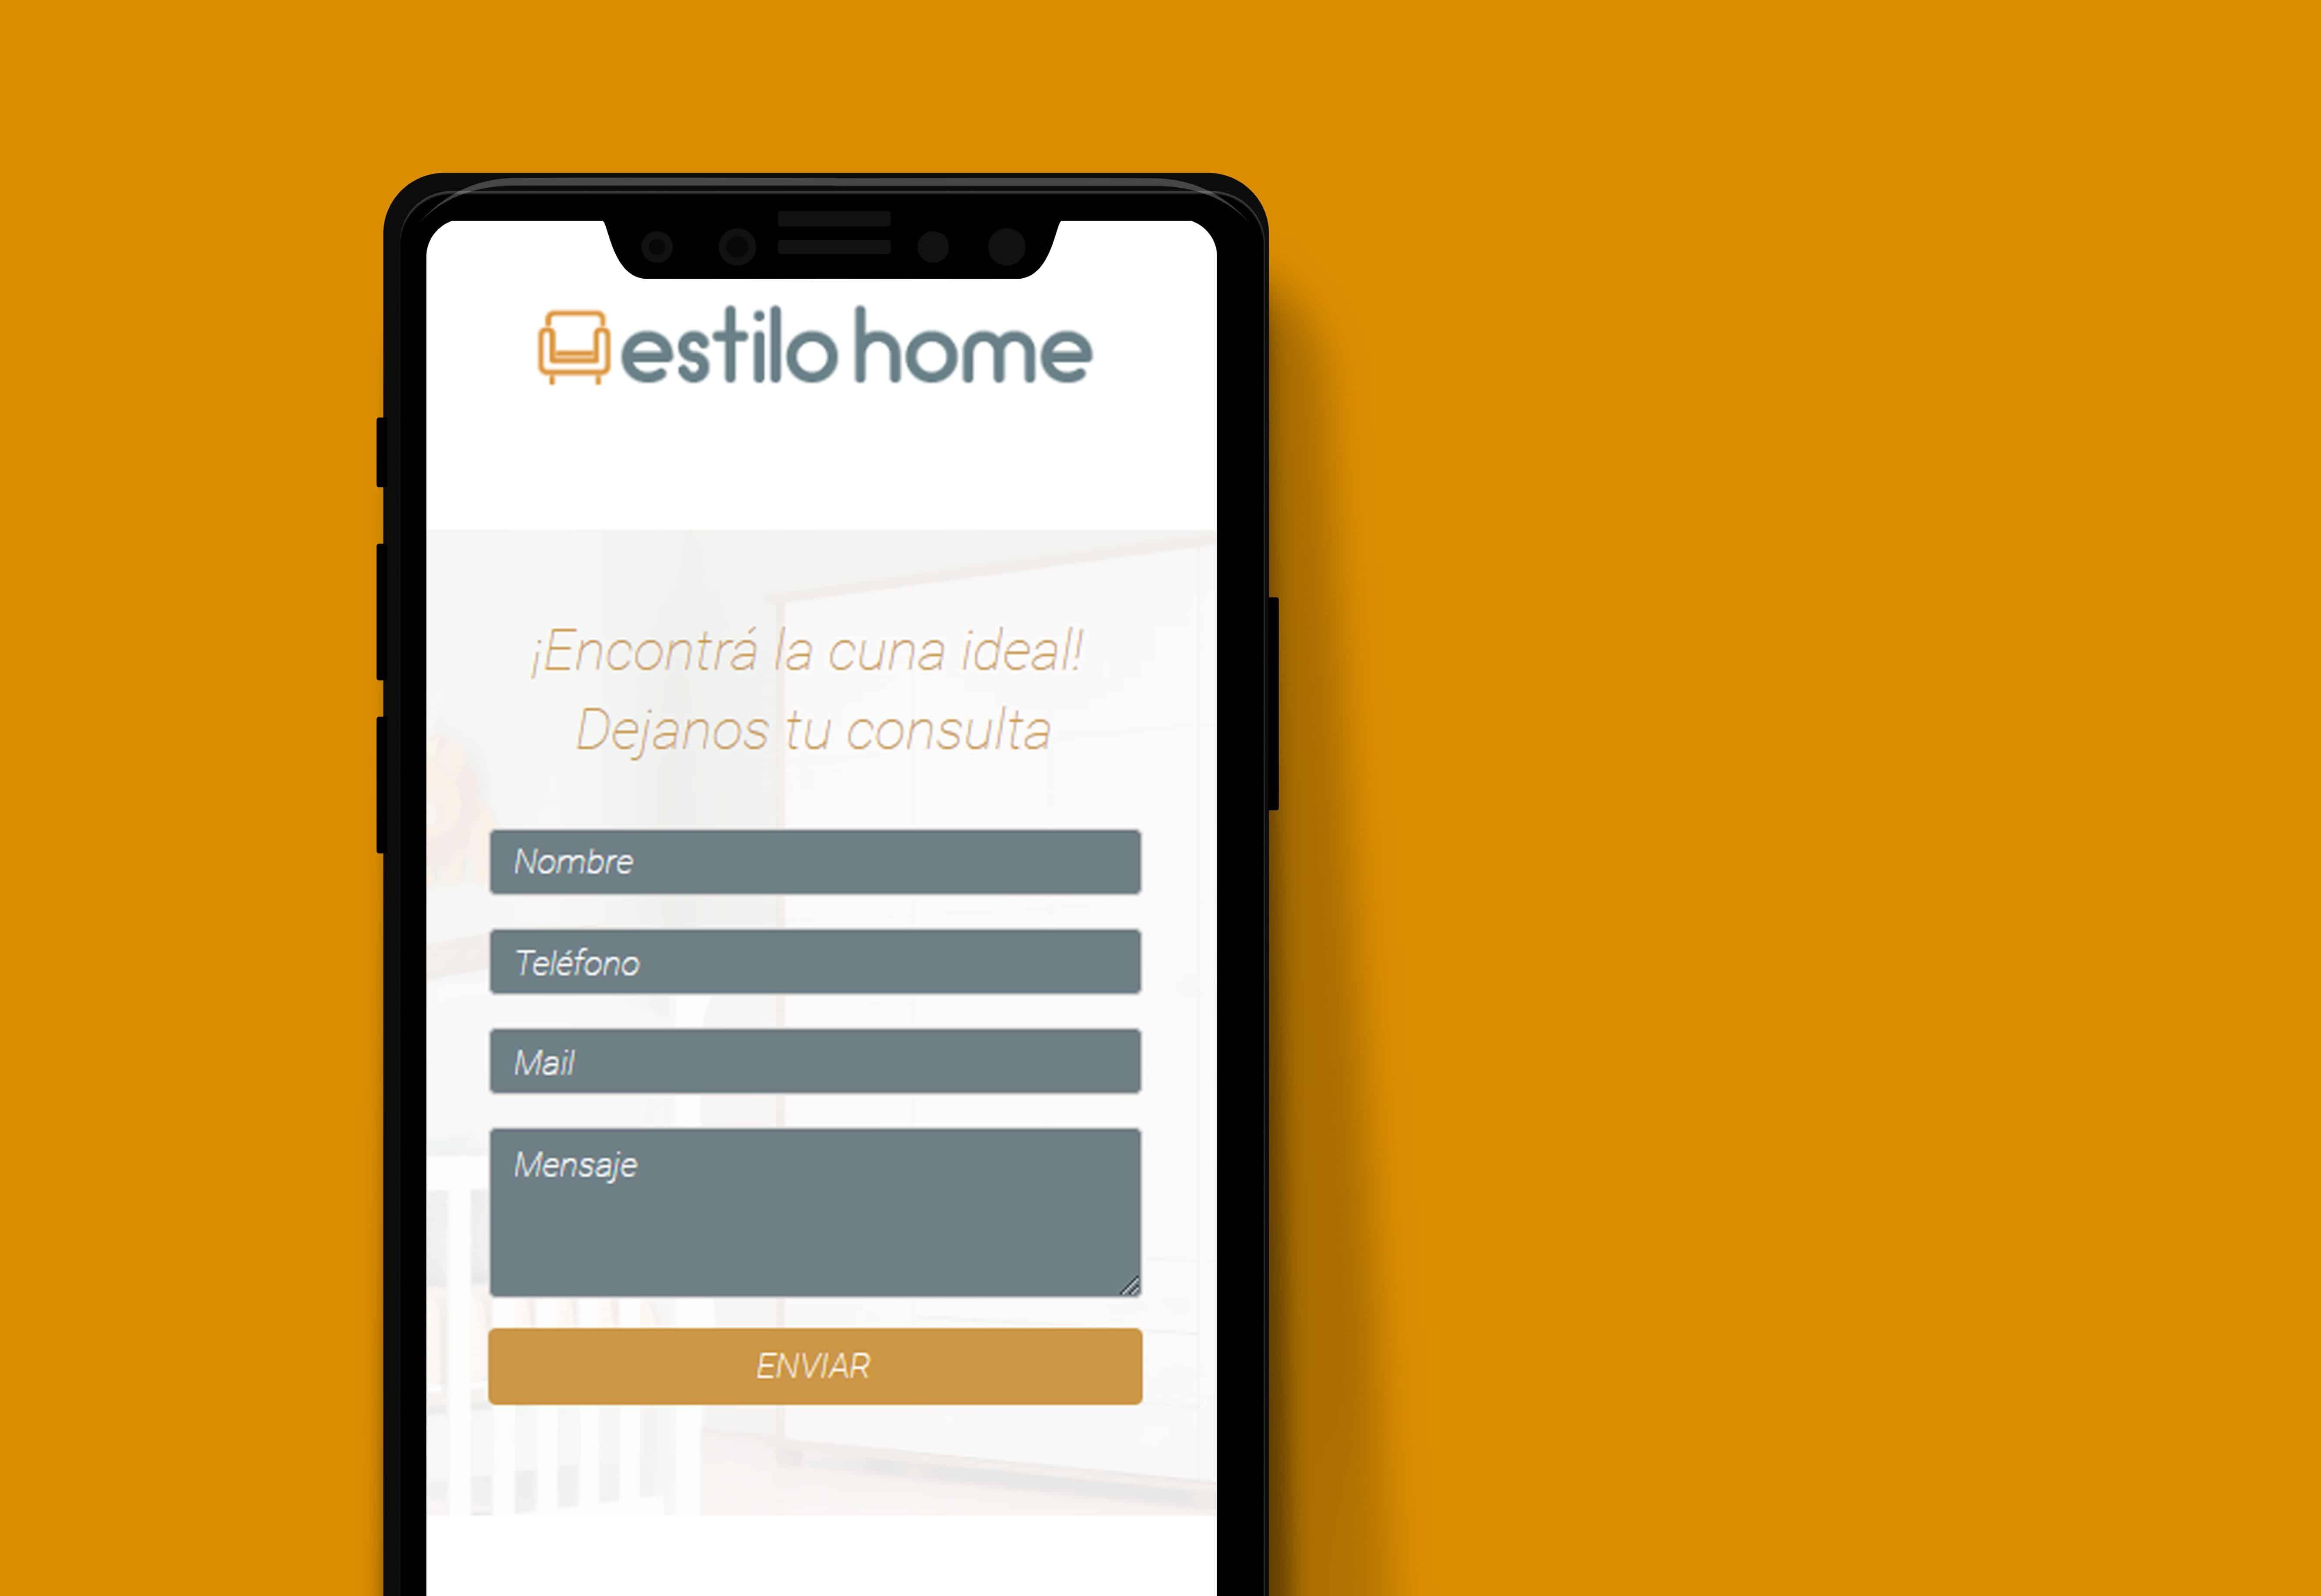 Marketing Digital Agencia Digital, Estilo Home · Desarrollo de Landing Page, slider3-2